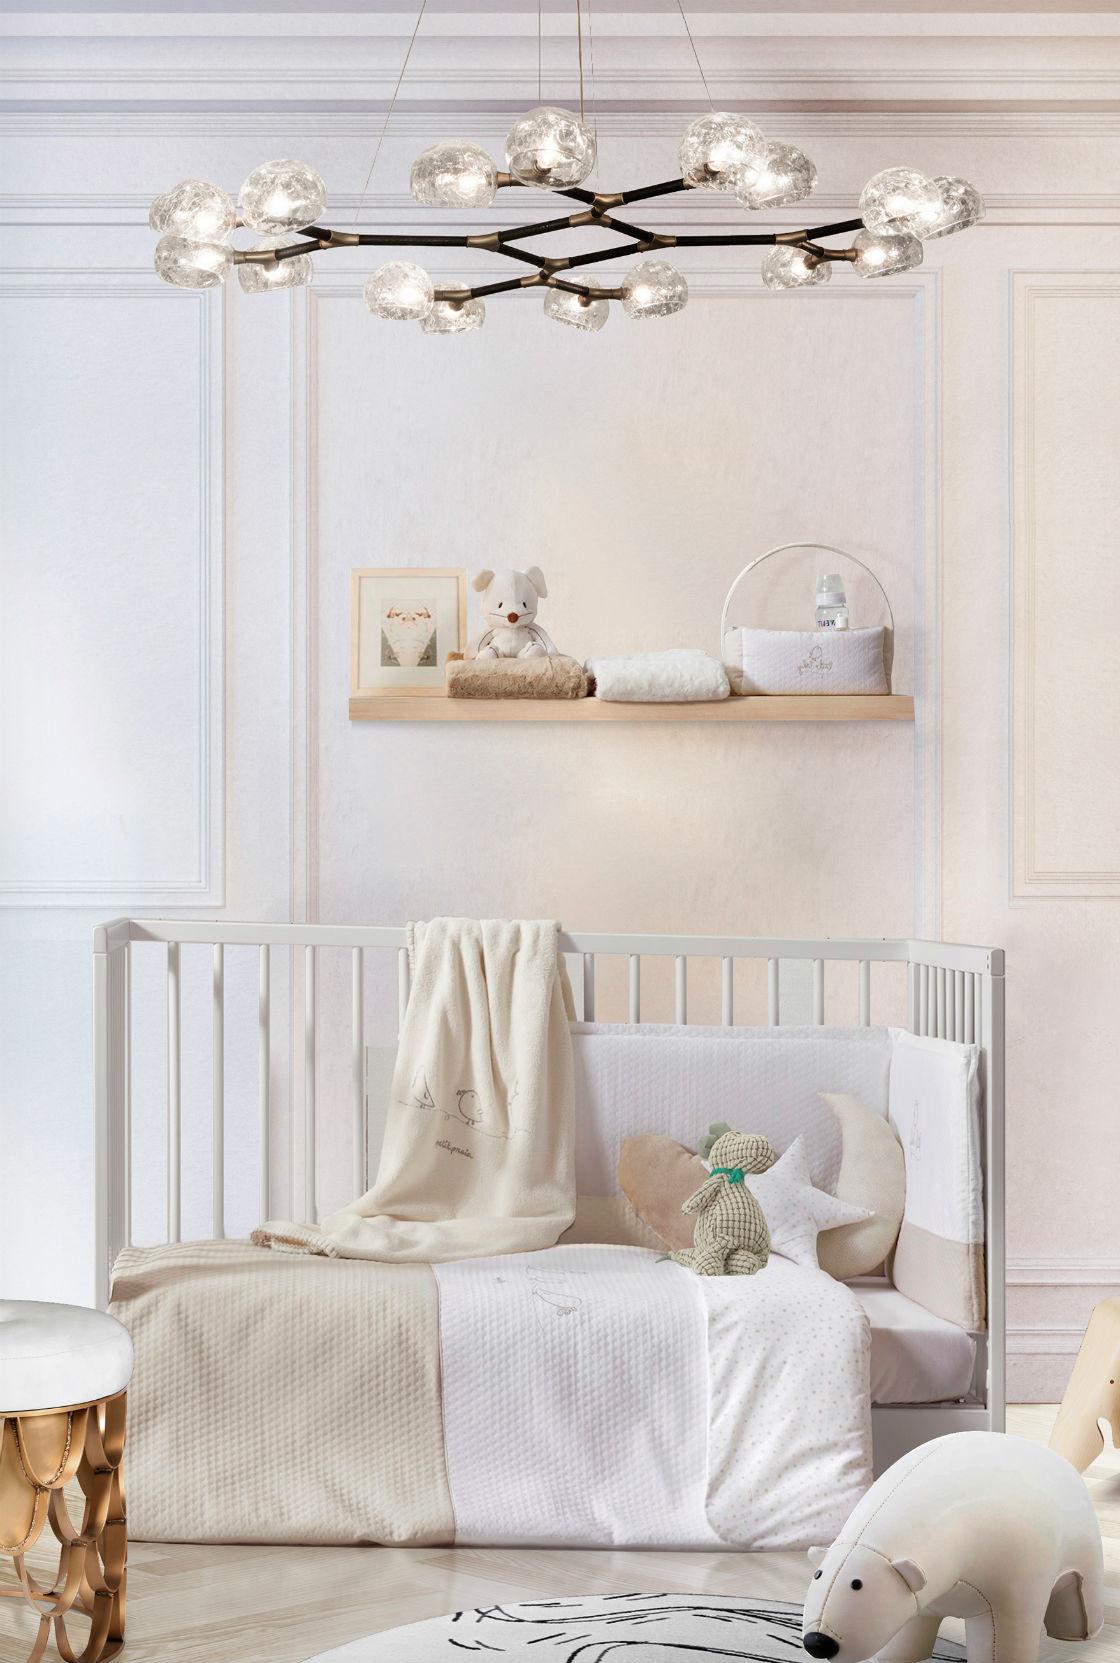 Bedroom Ideas: 10 Lighting Ideas That Will Transform A Bedroom Design